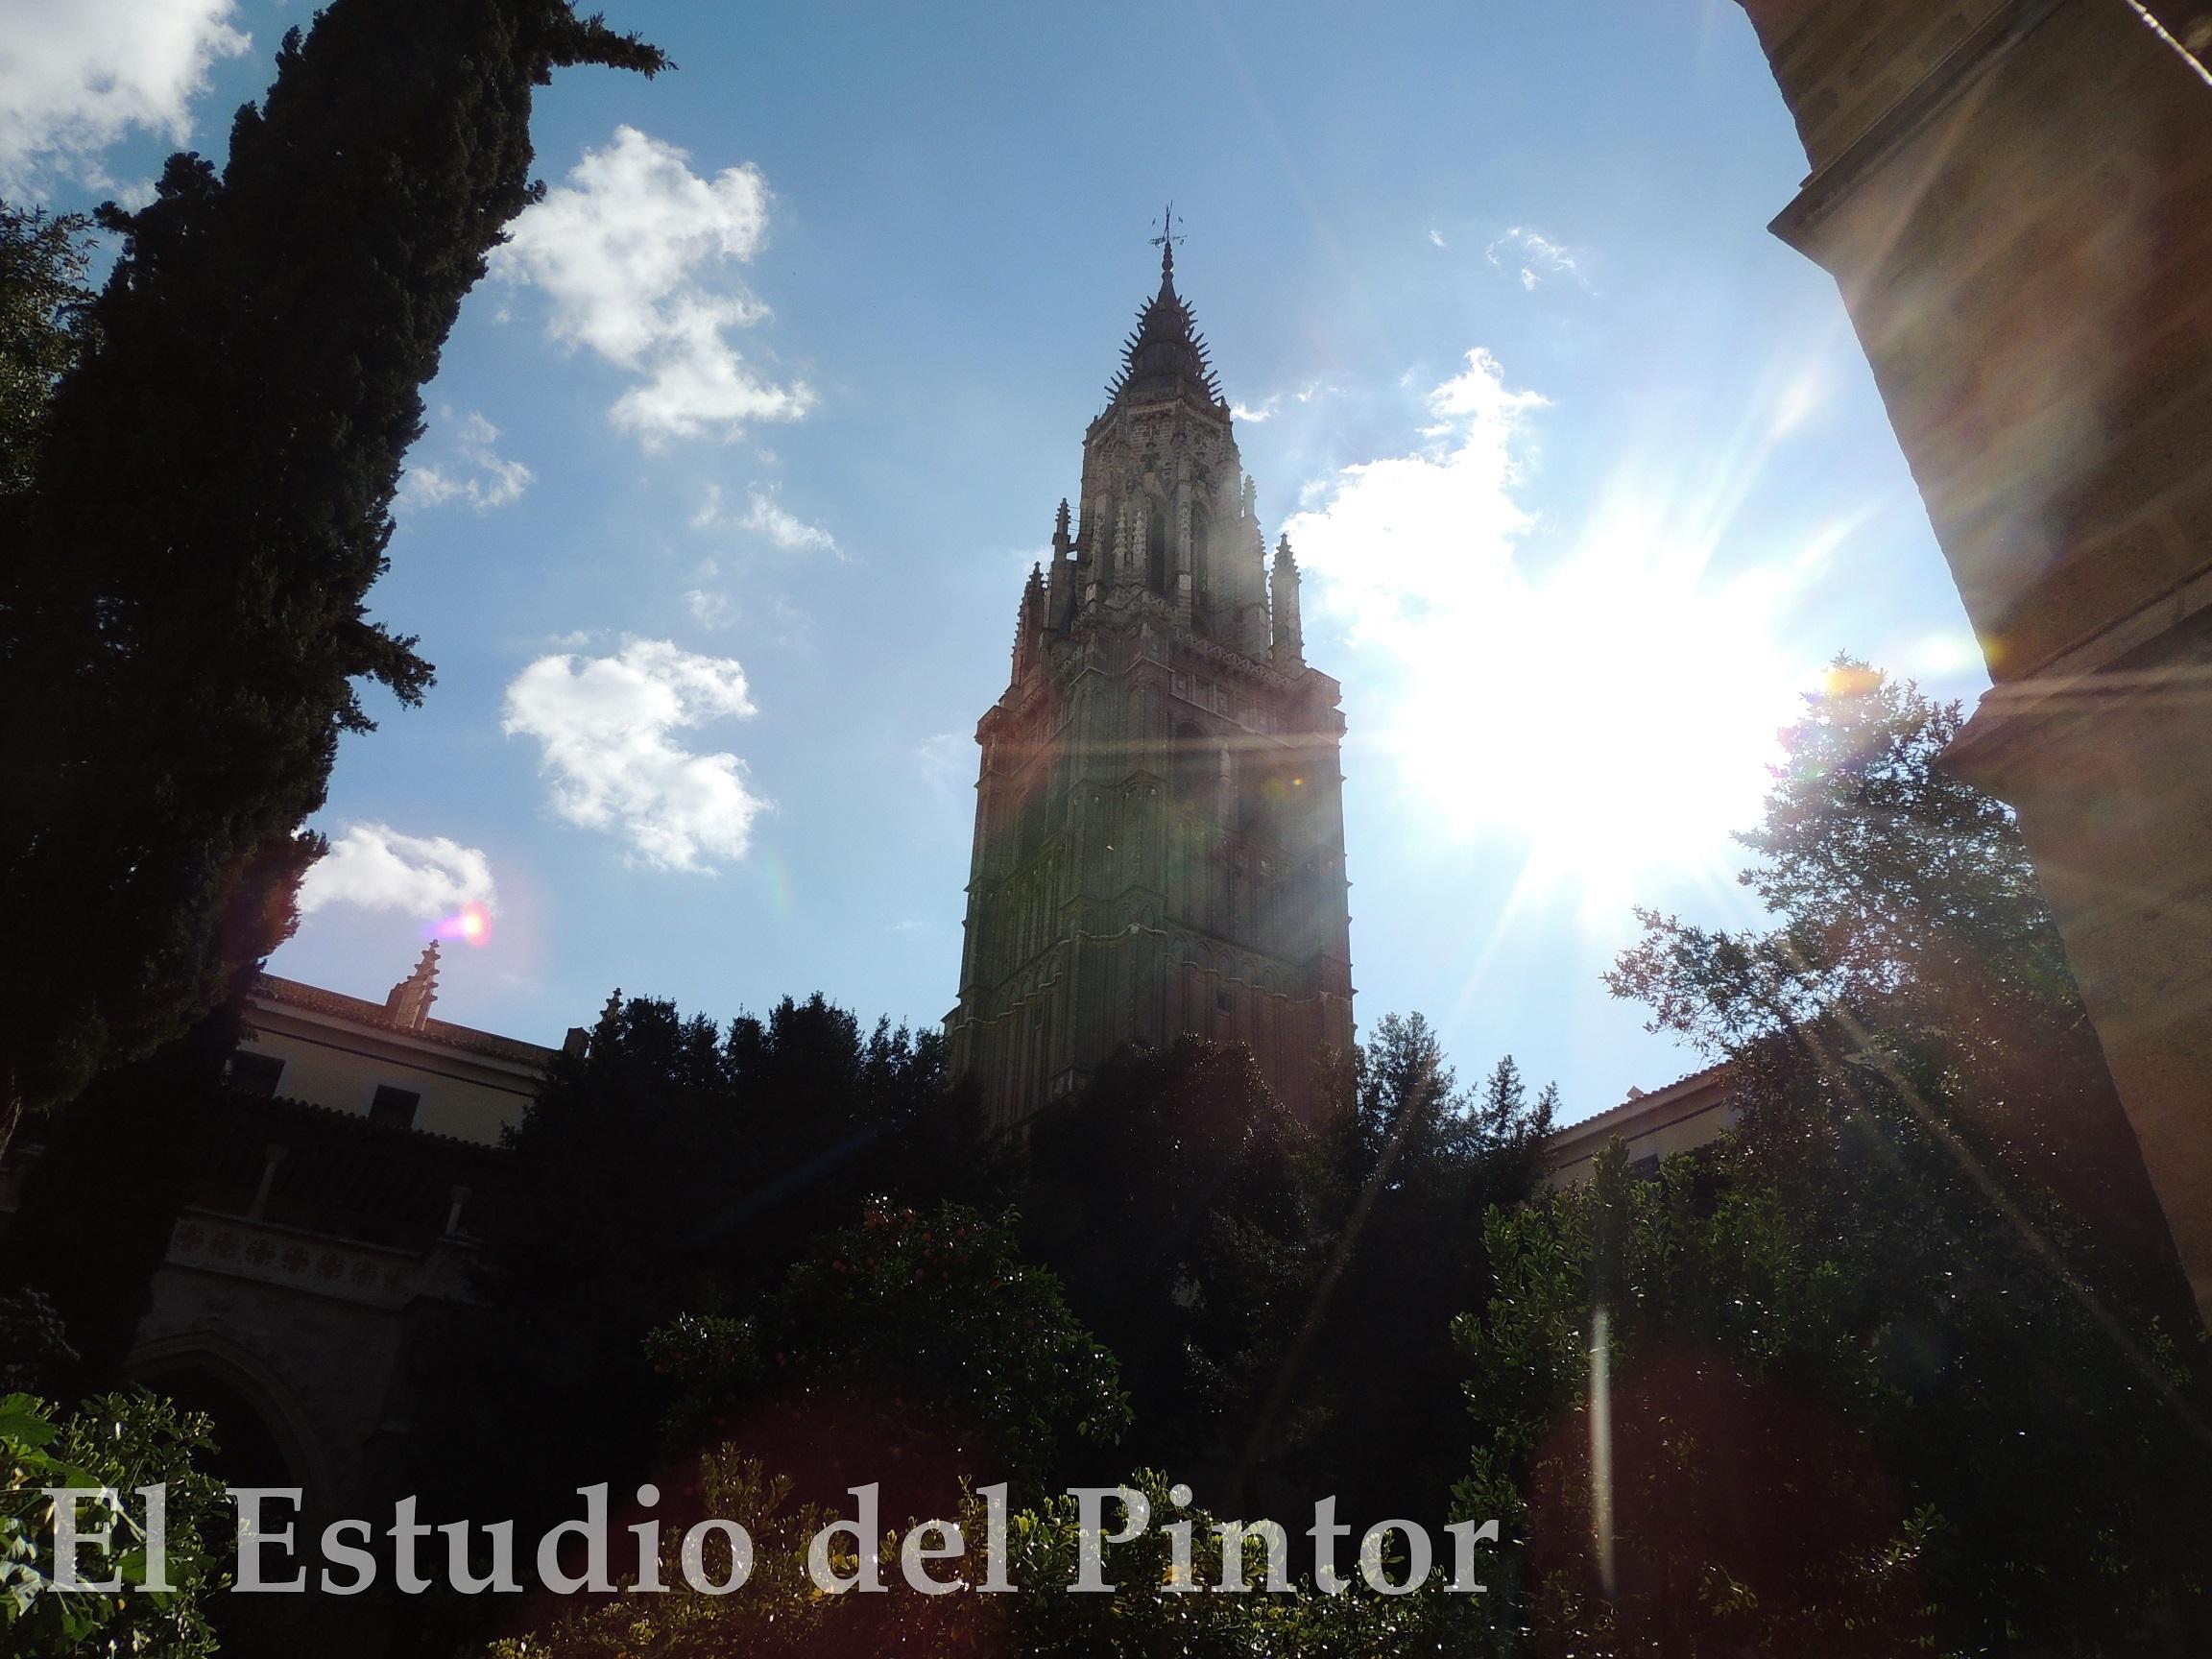 2. Toledo